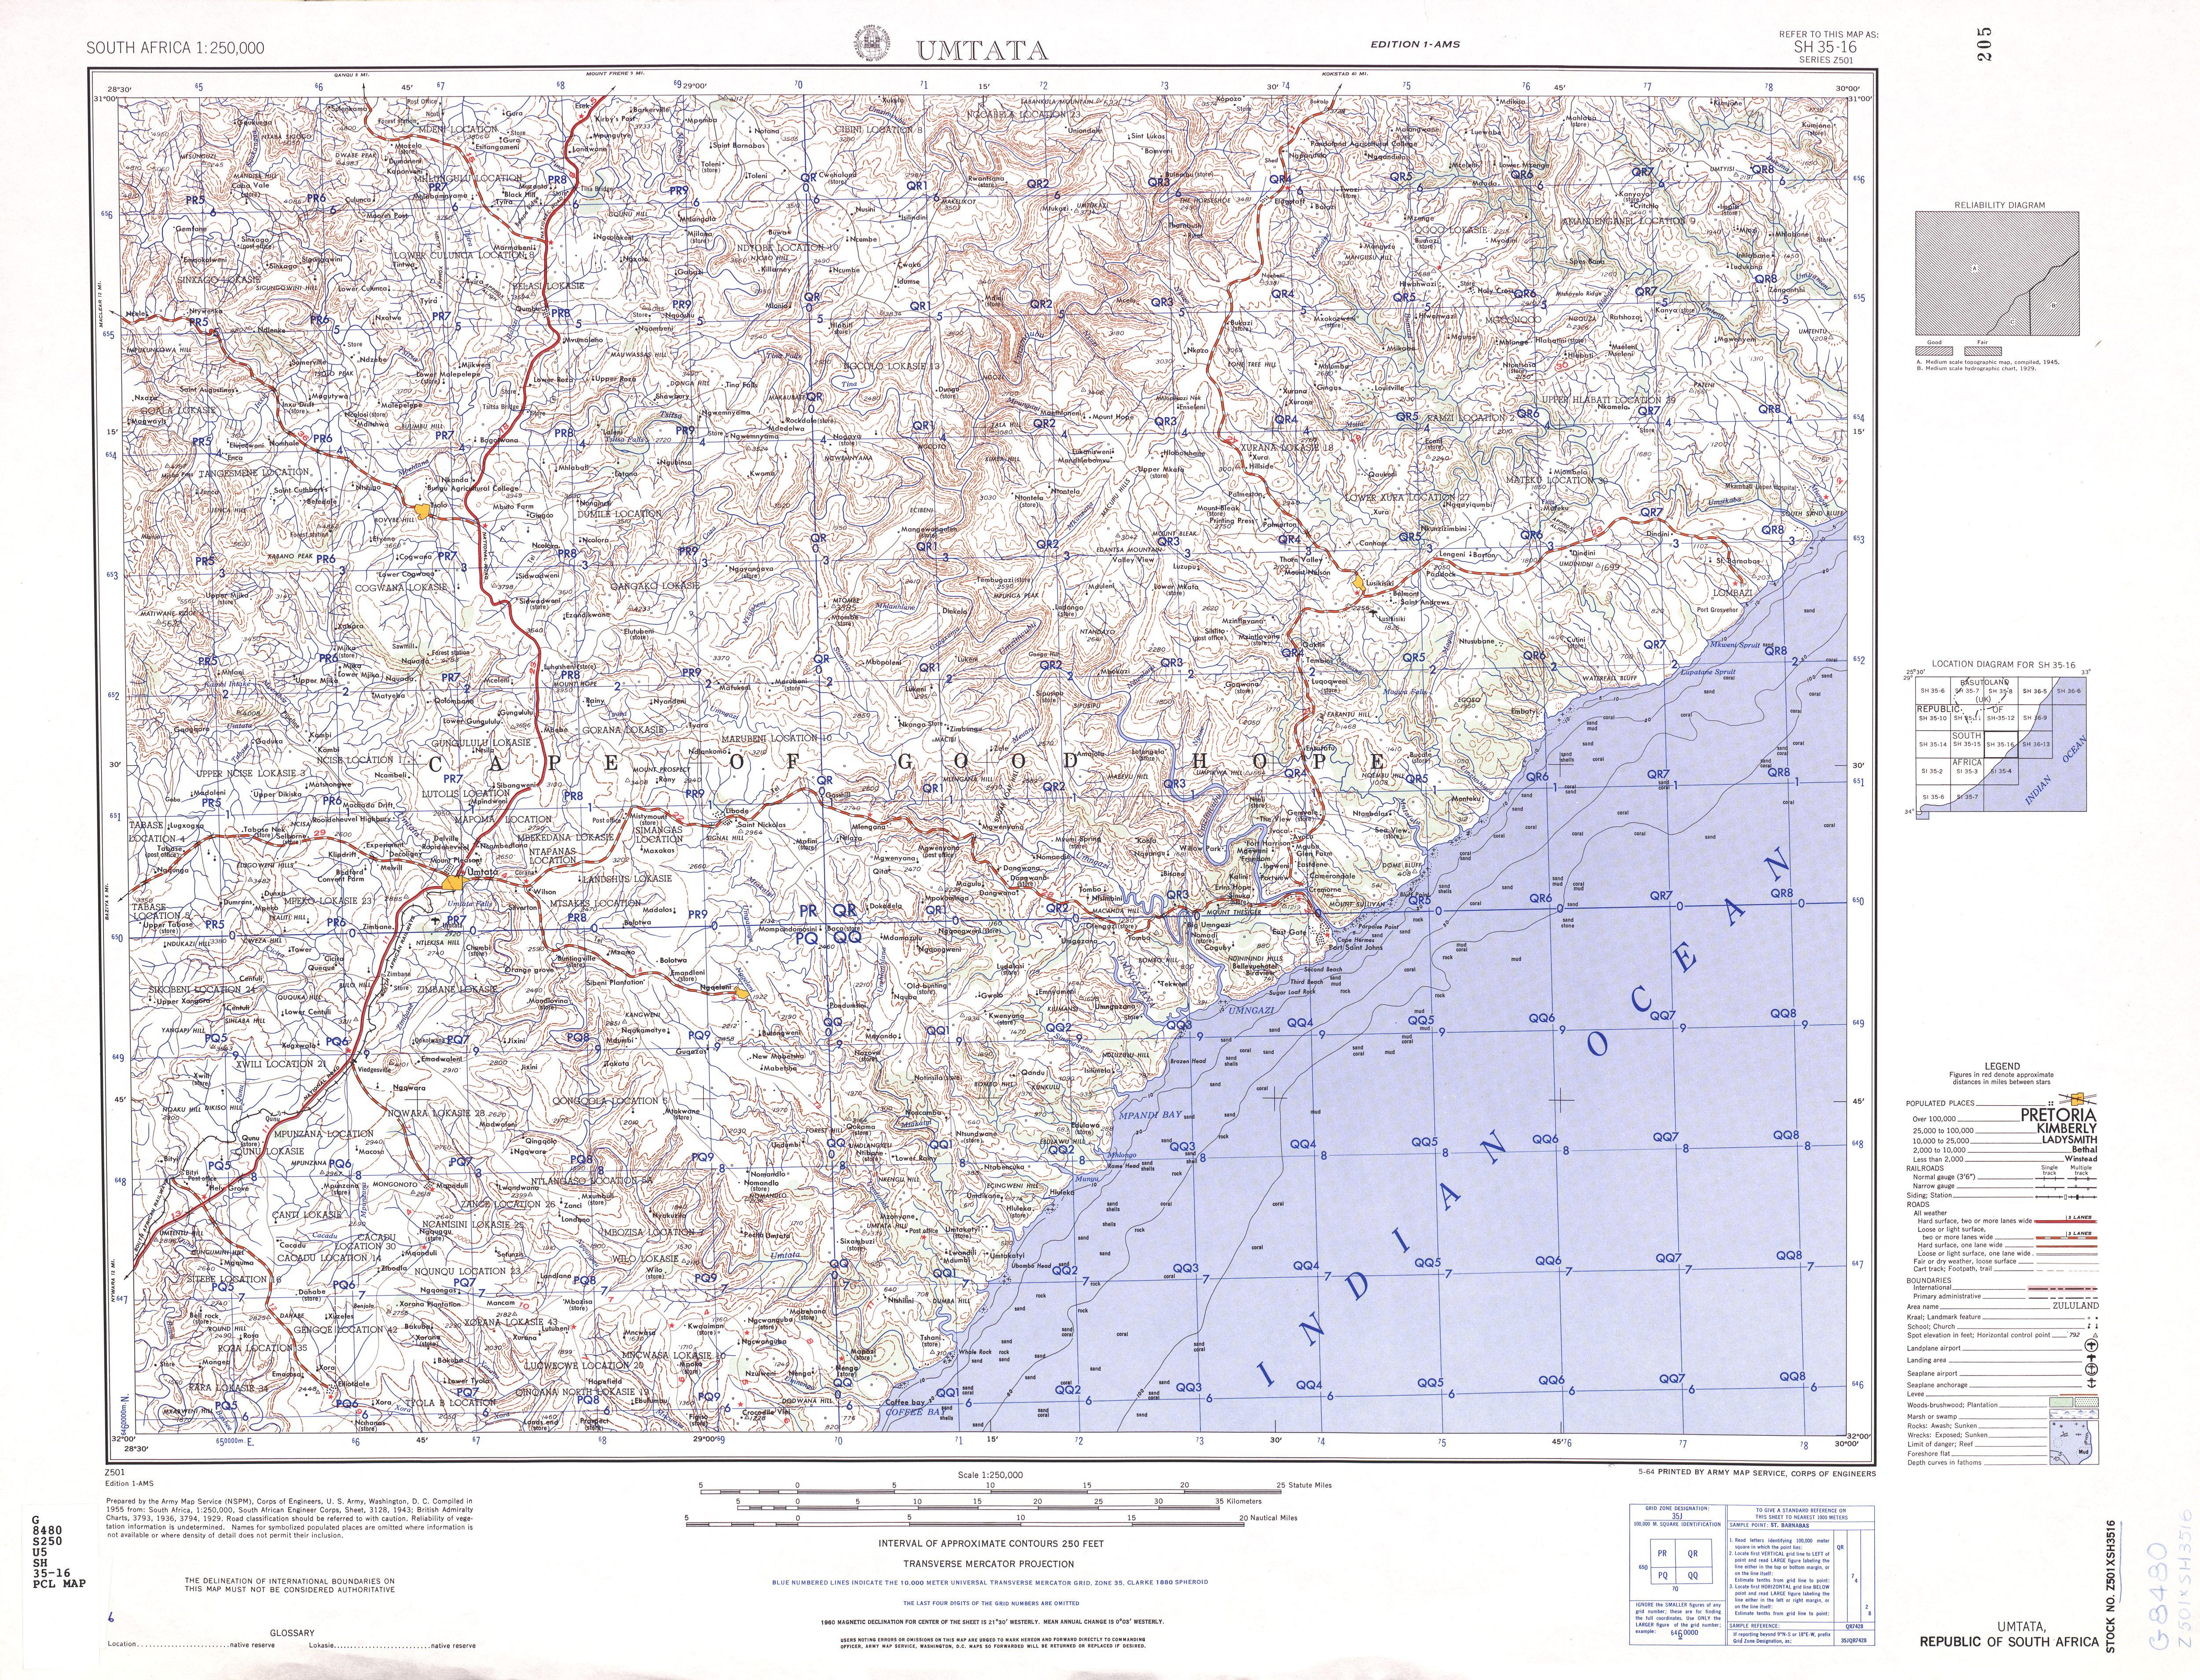 Hoja Umtata del Mapa Topográfico de África Meridional 1954